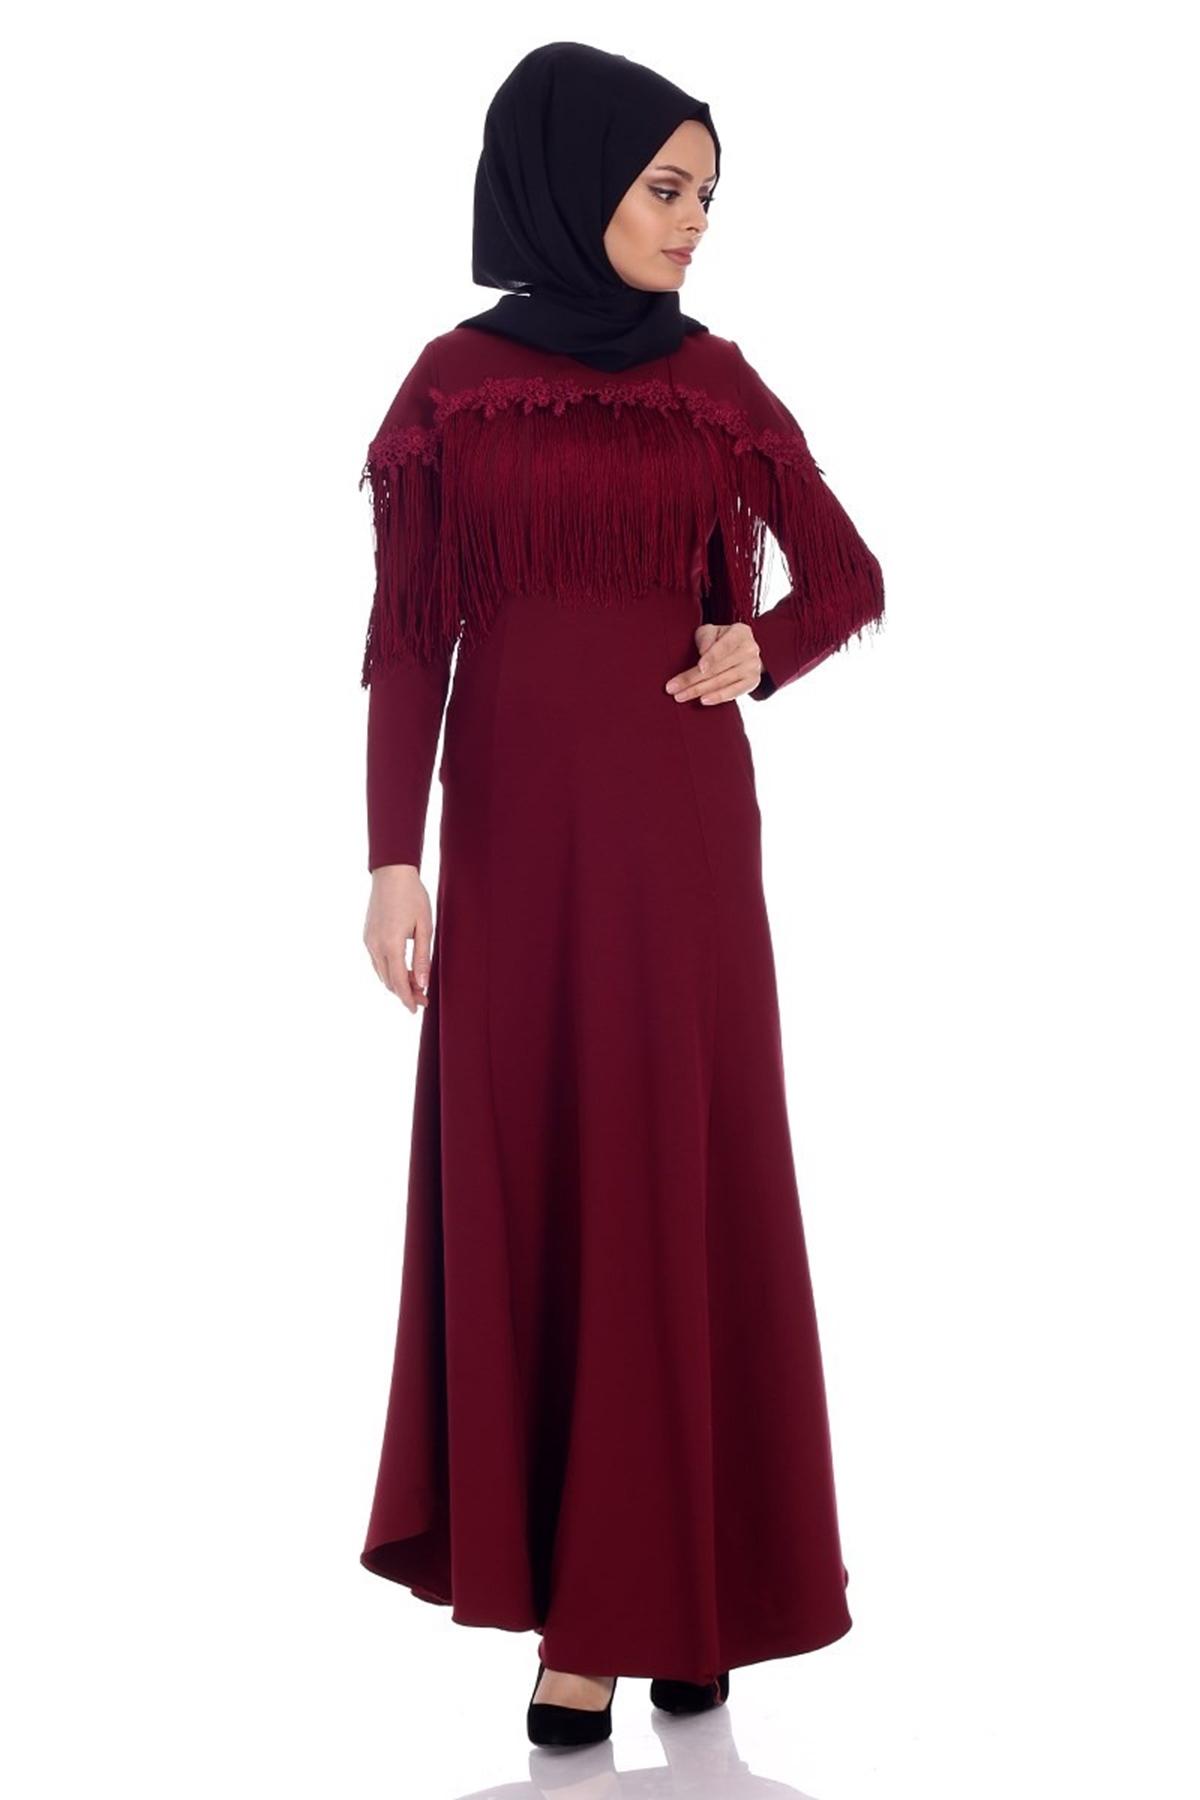 2018 Patirti.Com Tesettur Abiye Modelleri 10 - 2018 Sedanur Tesettür Abiye Elbise Modelleri